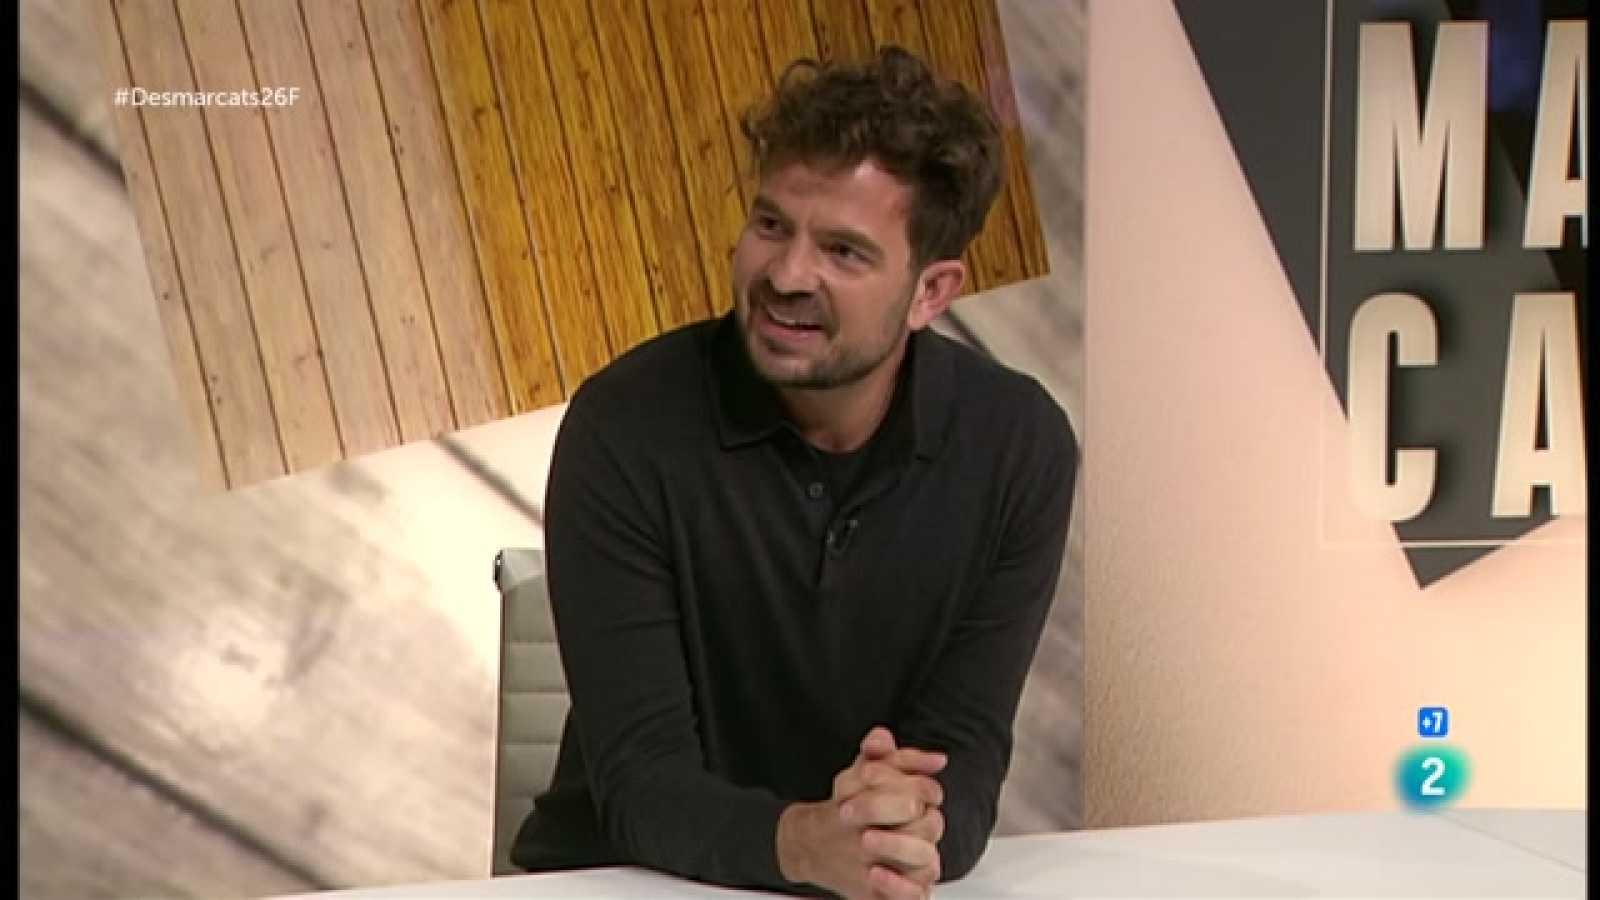 Desmarcats - Jaume Campistol, jutge de cadira de tennis